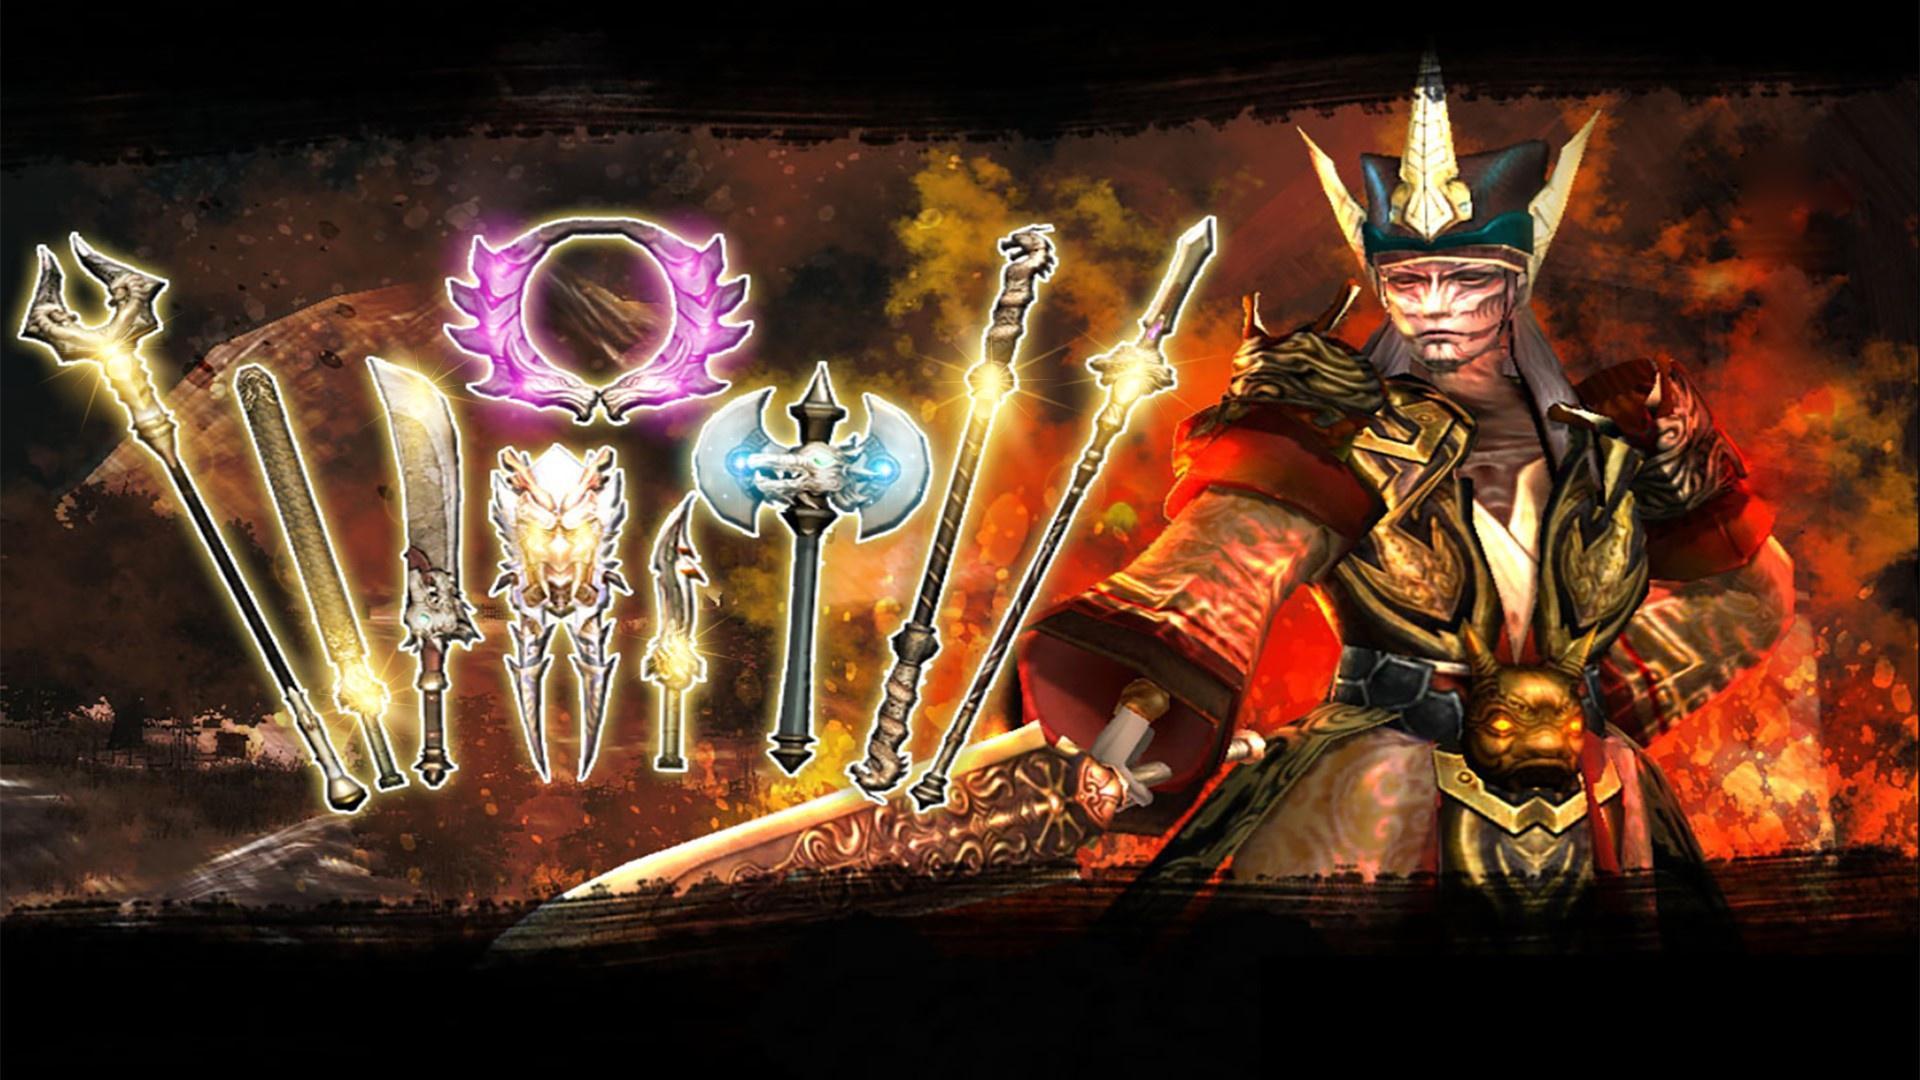 Cửu Long Tranh Bá cập nhật khủng, cơ hội săn vũ khí mạnh nhất cho game thủ